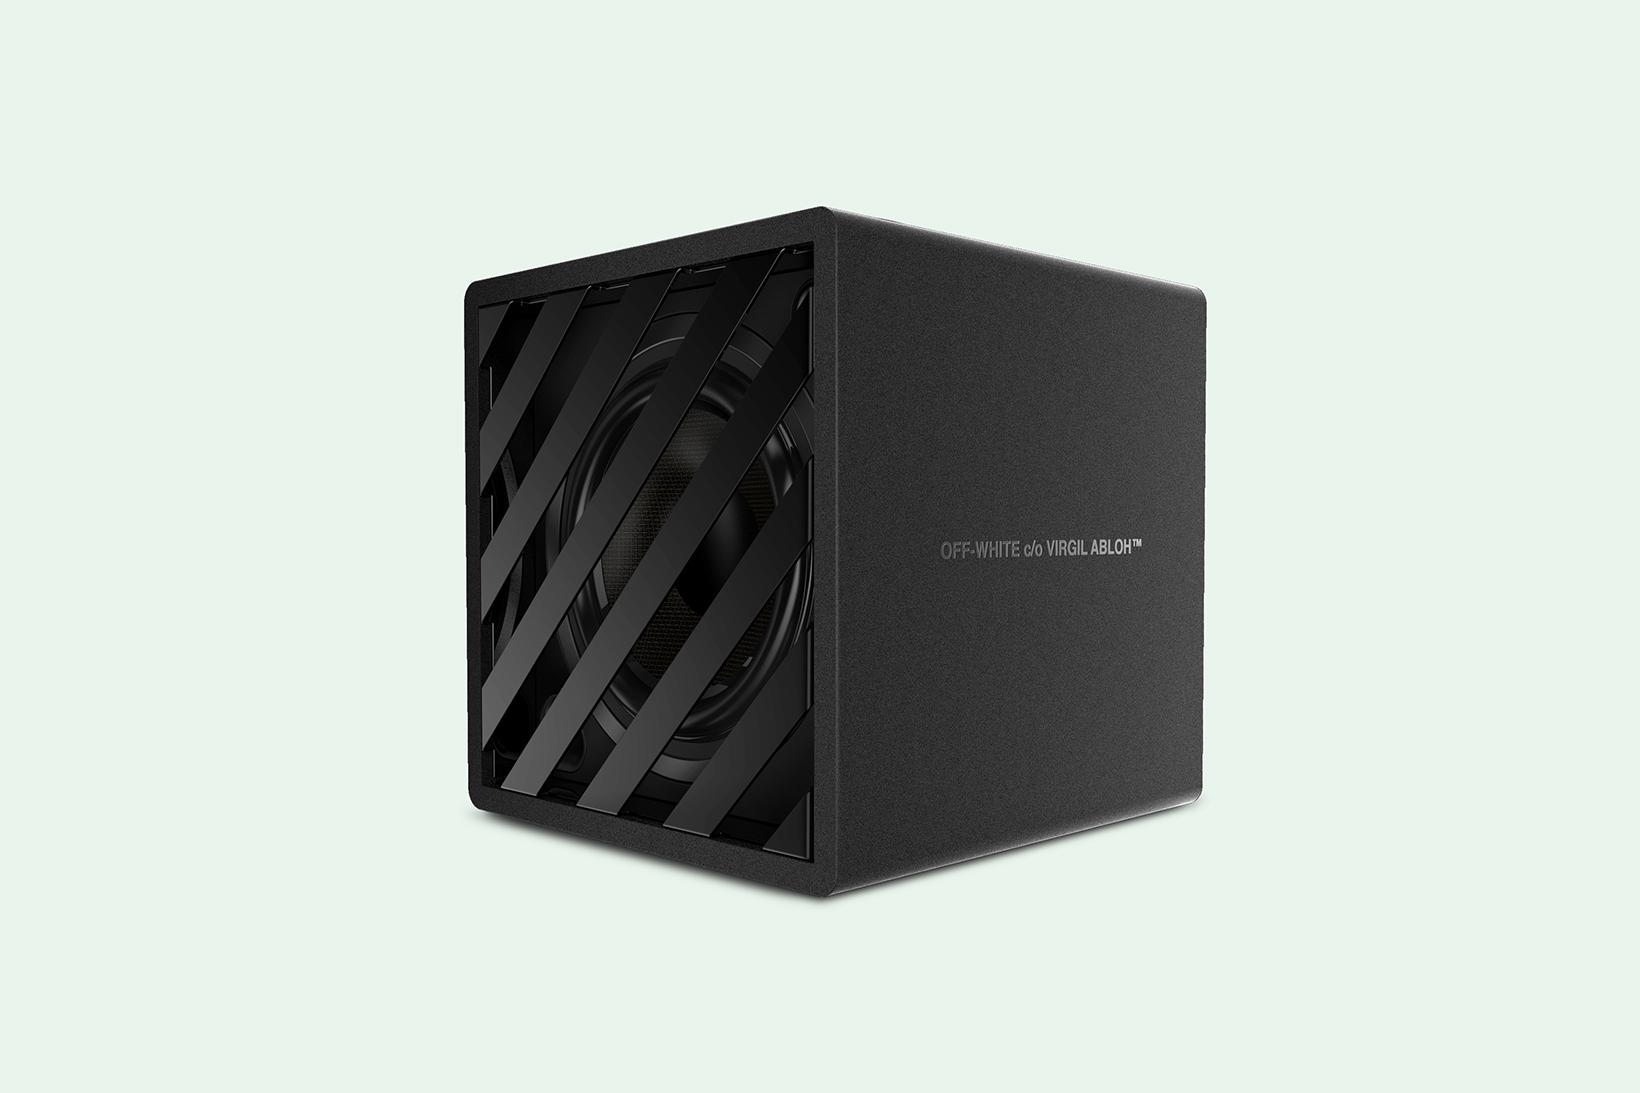 OFF WHITE Speaker Concept